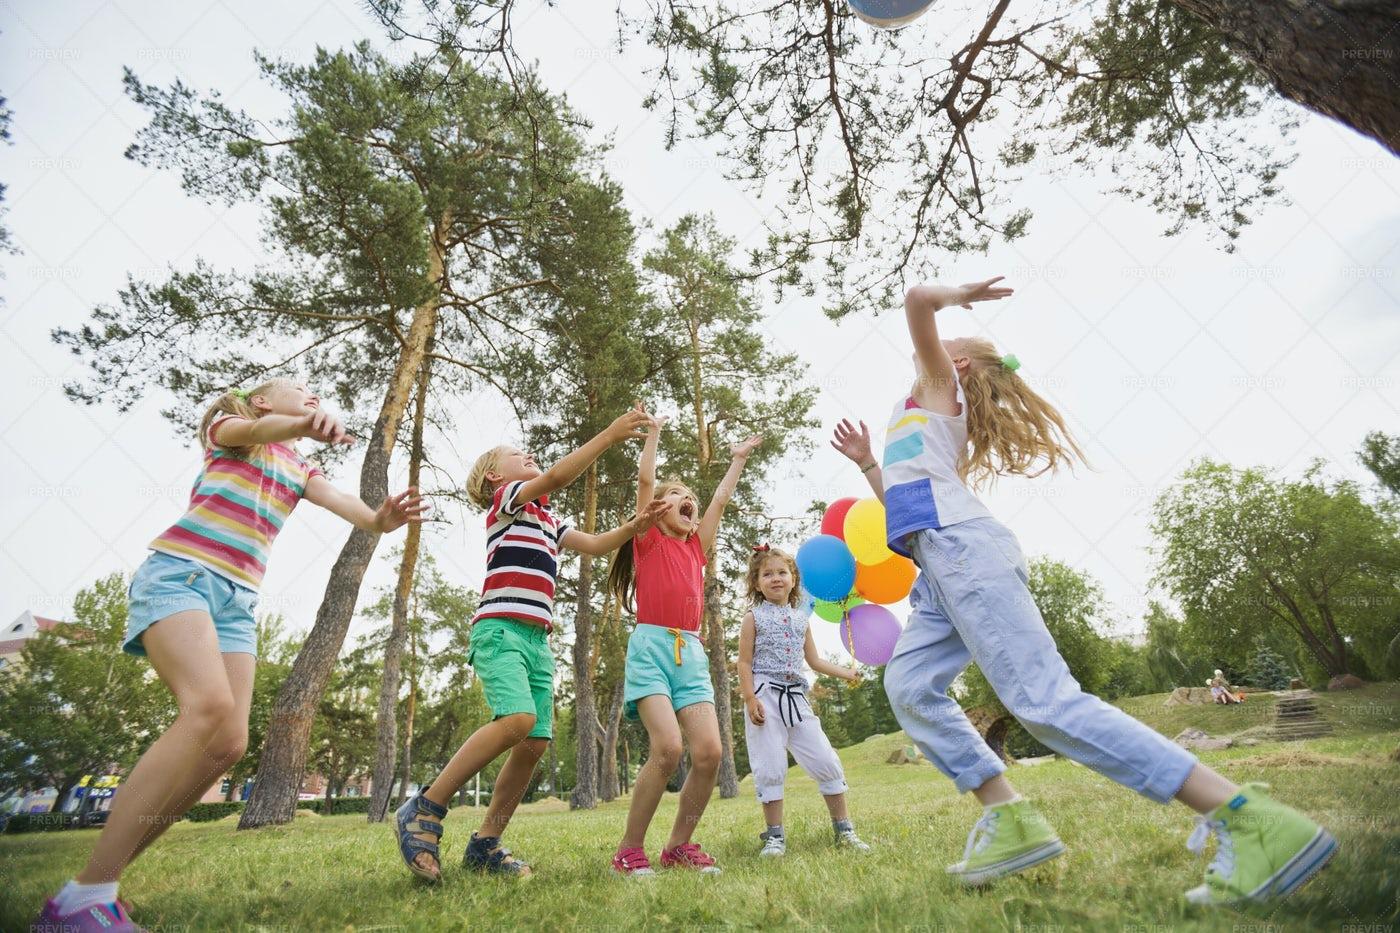 Kids Having Fun Outdoors: Stock Photos